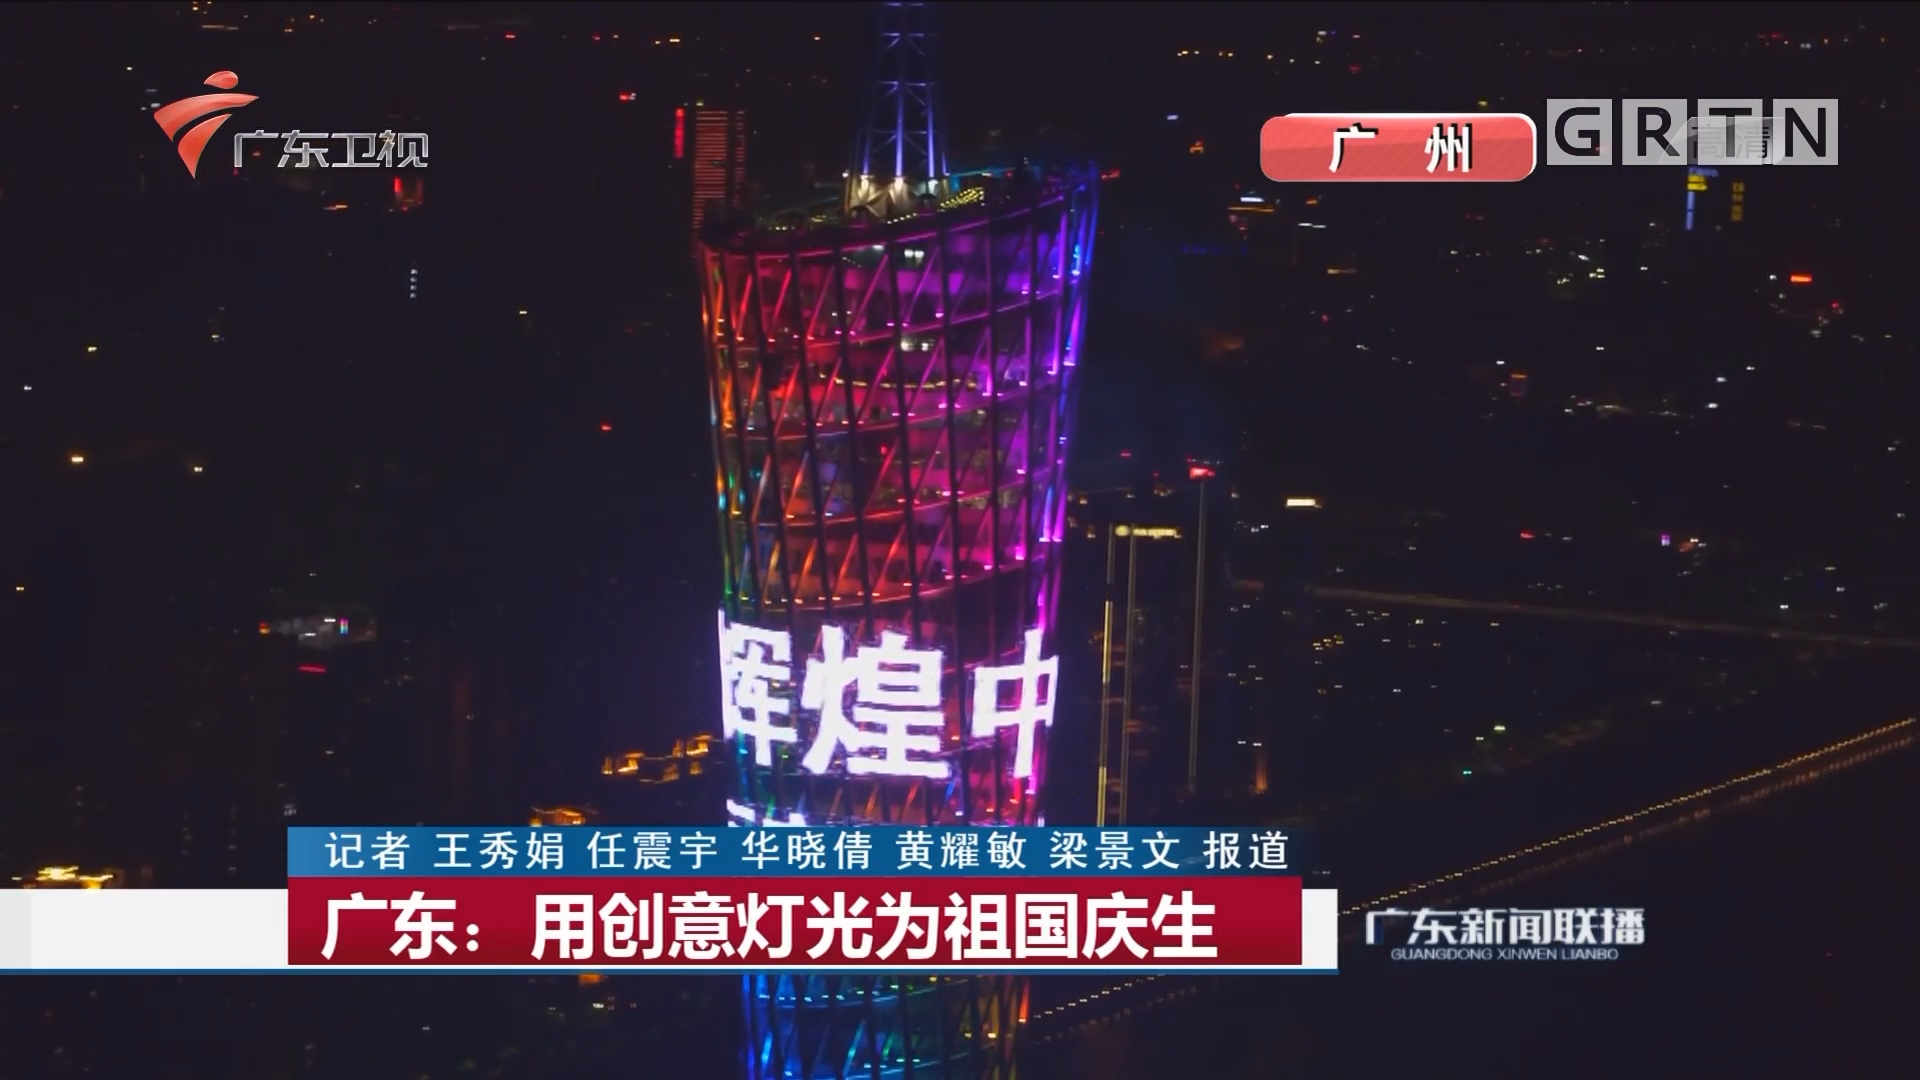 广东:用创意灯光为祖国庆生